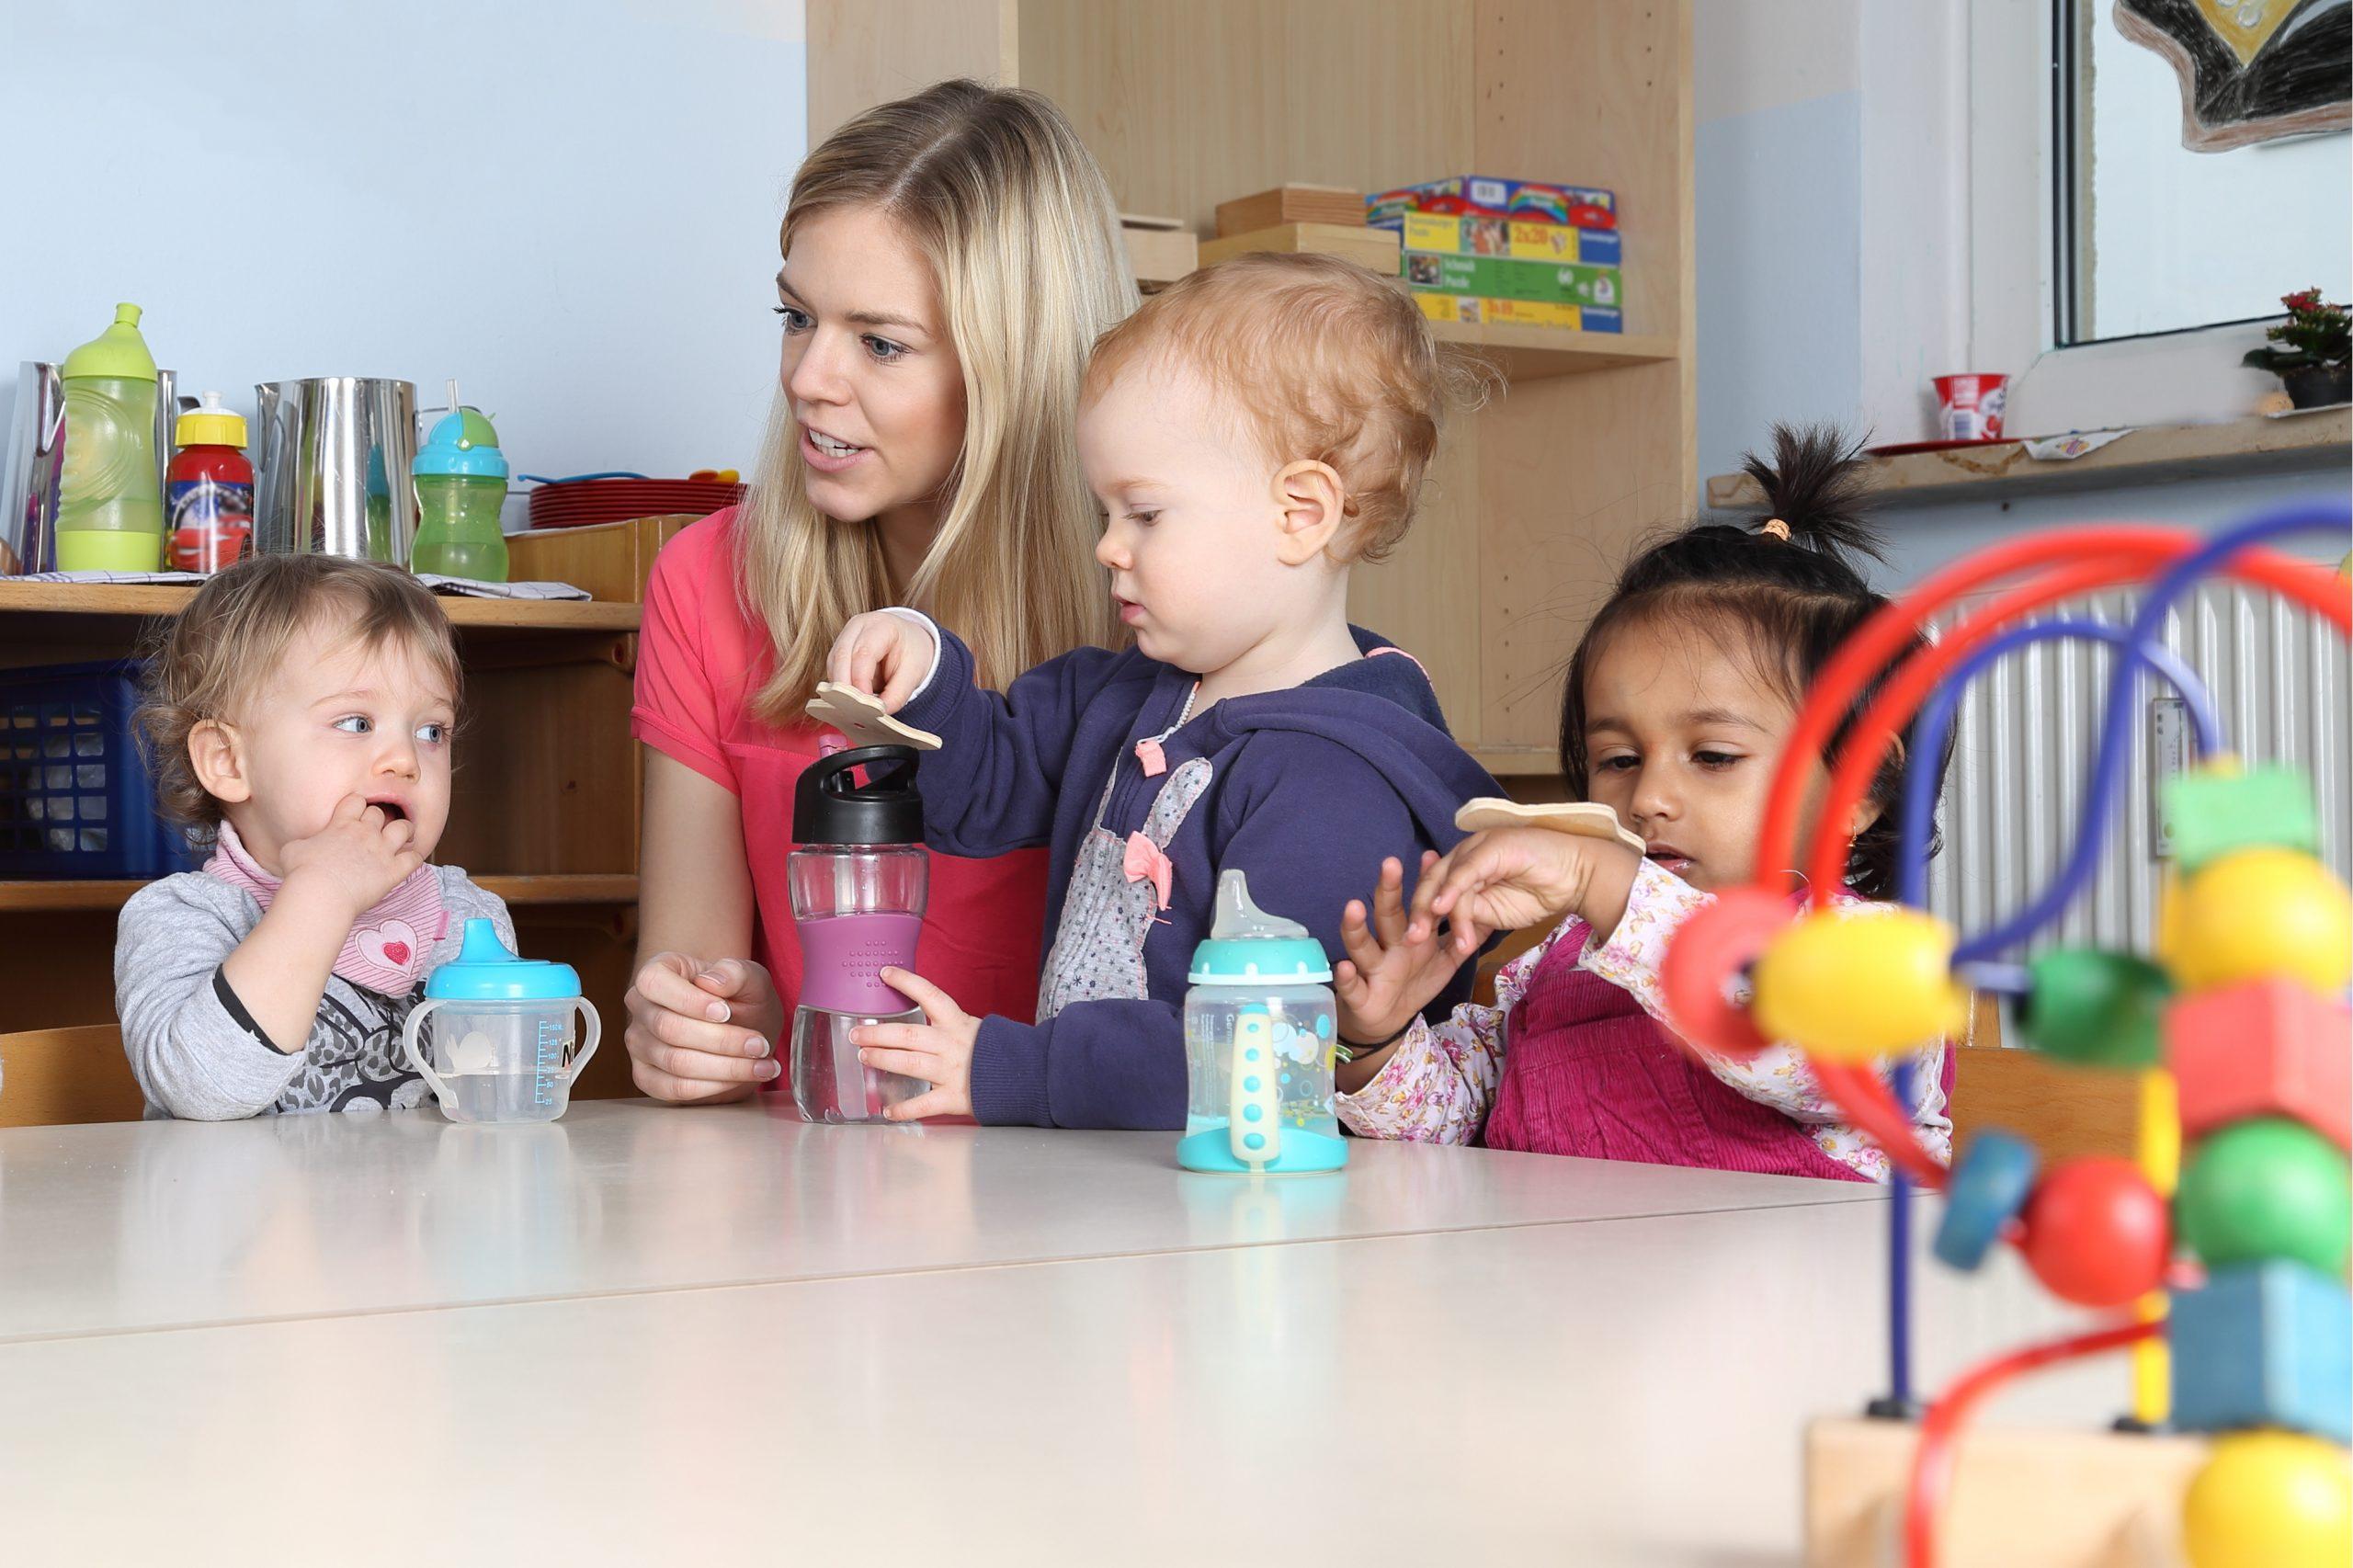 Aprendizaje de idiomas en bebés